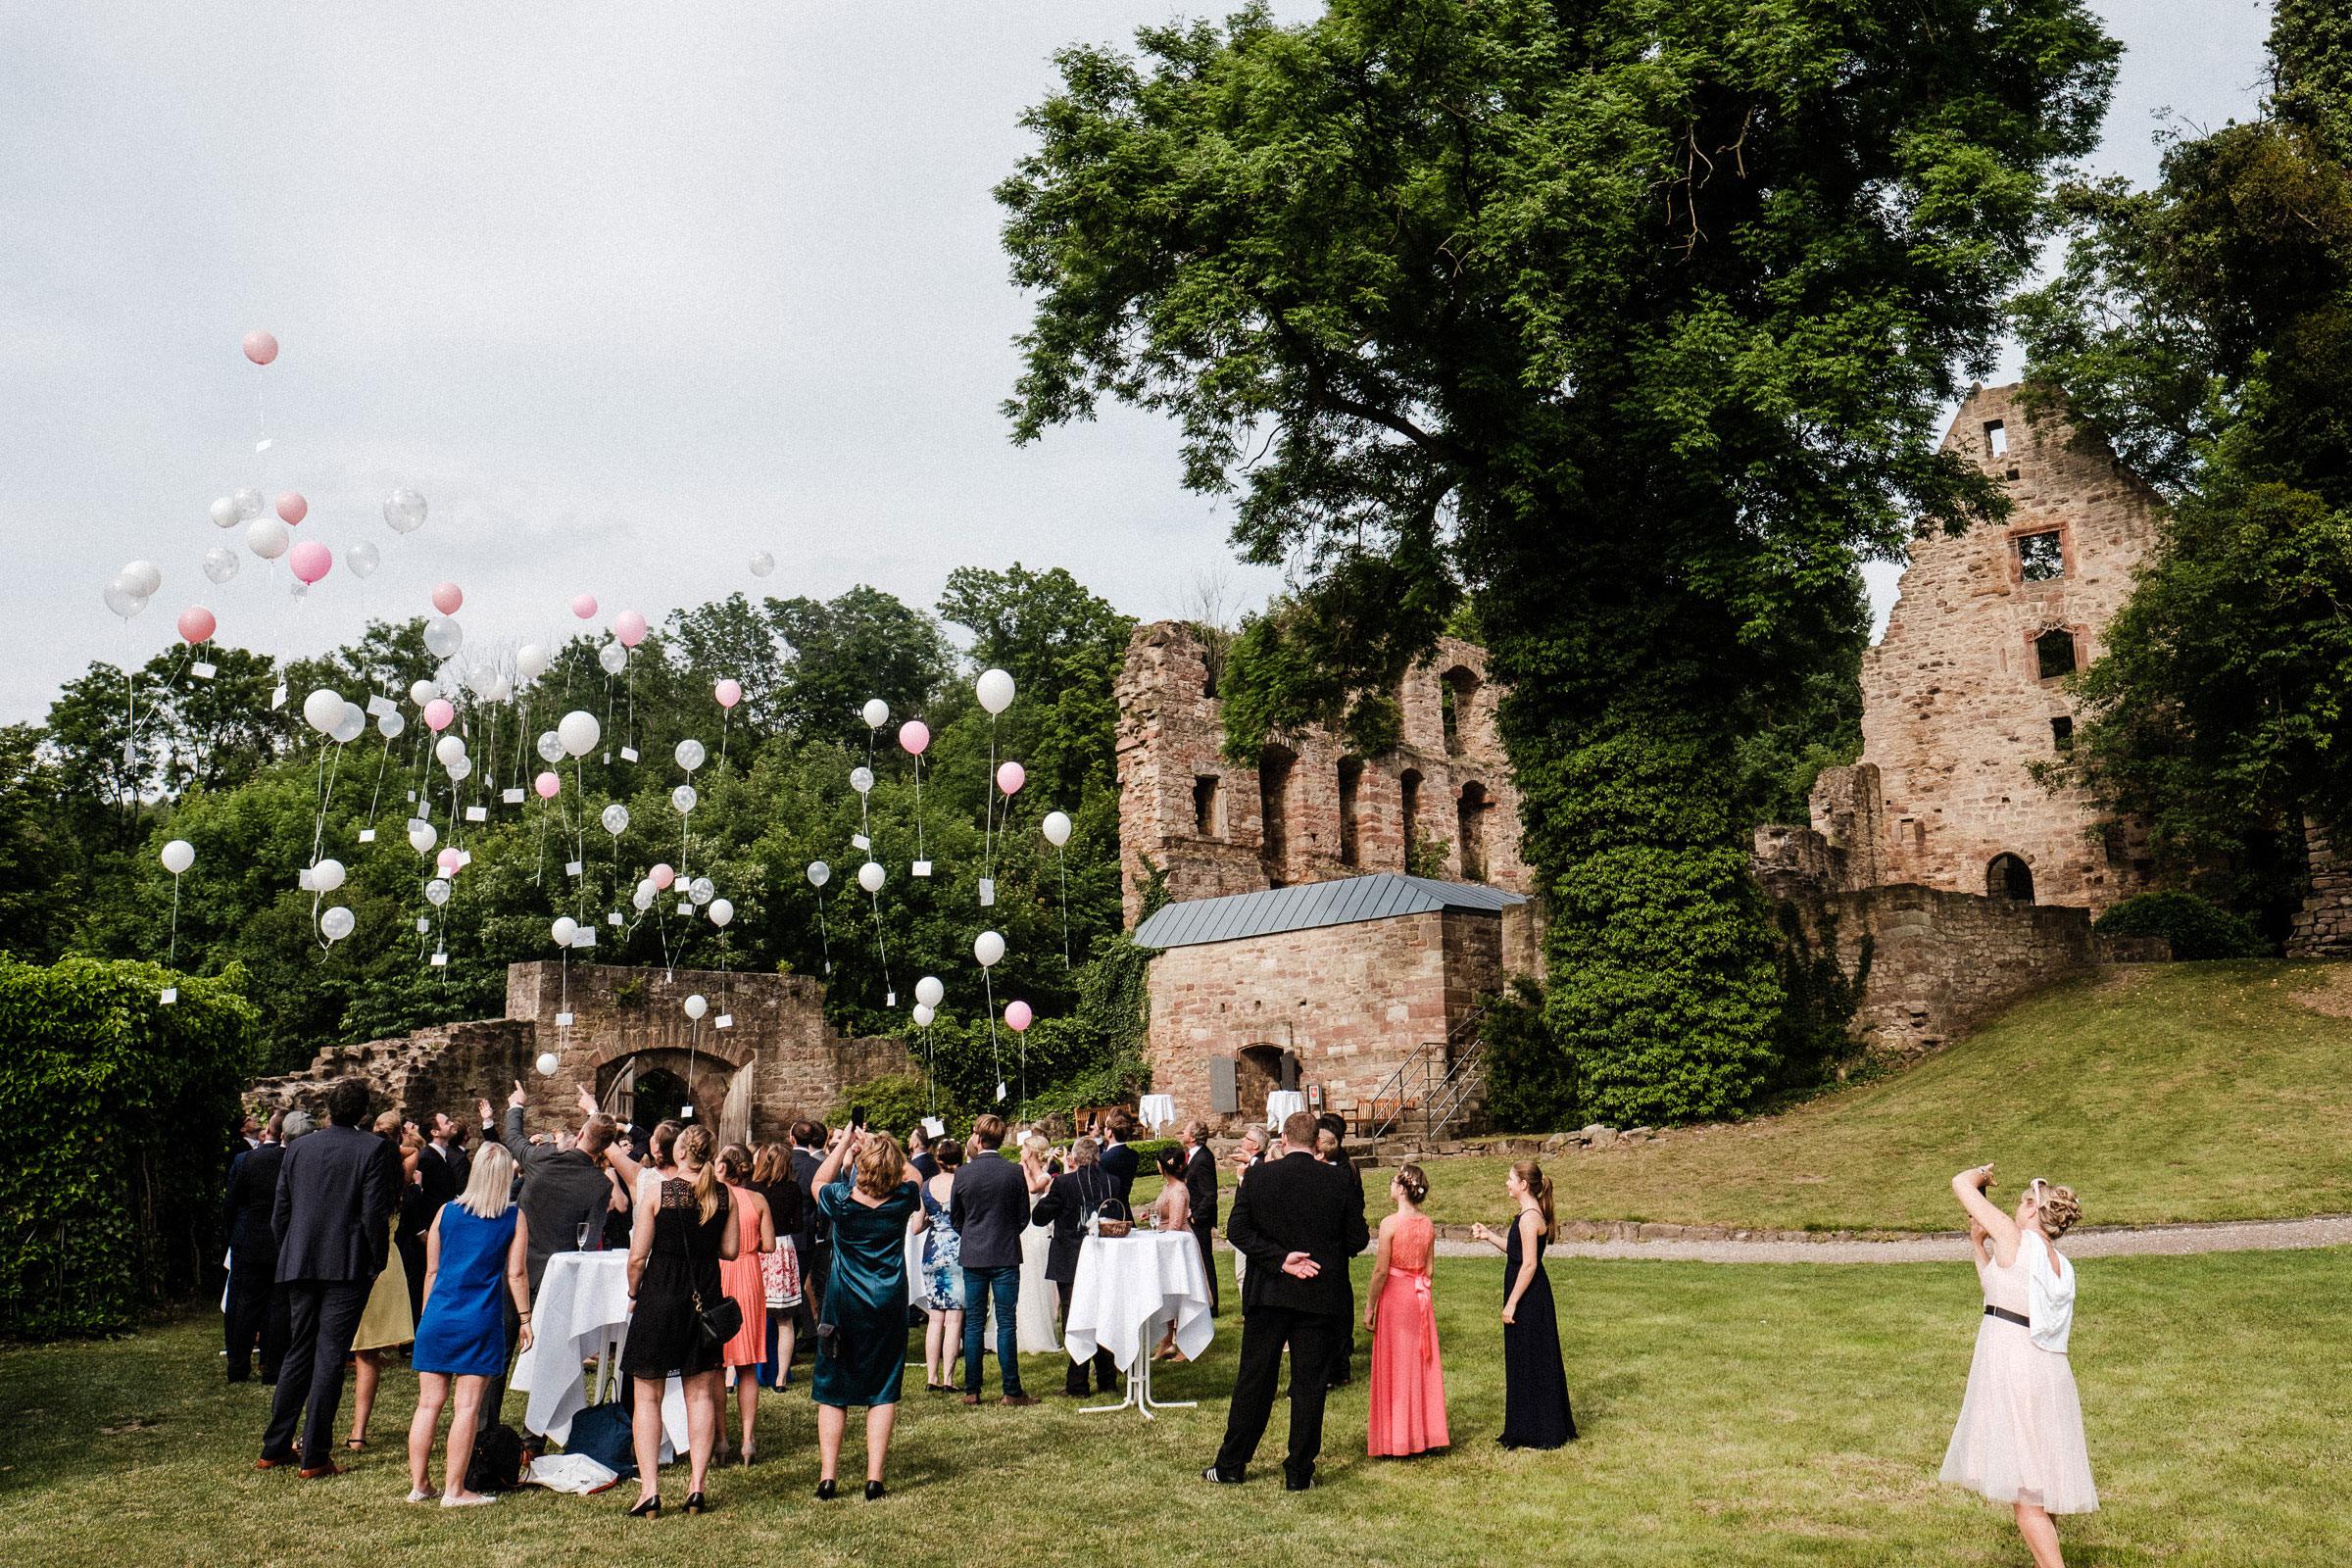 Luftballons auf der Hochzeit in Göttingen